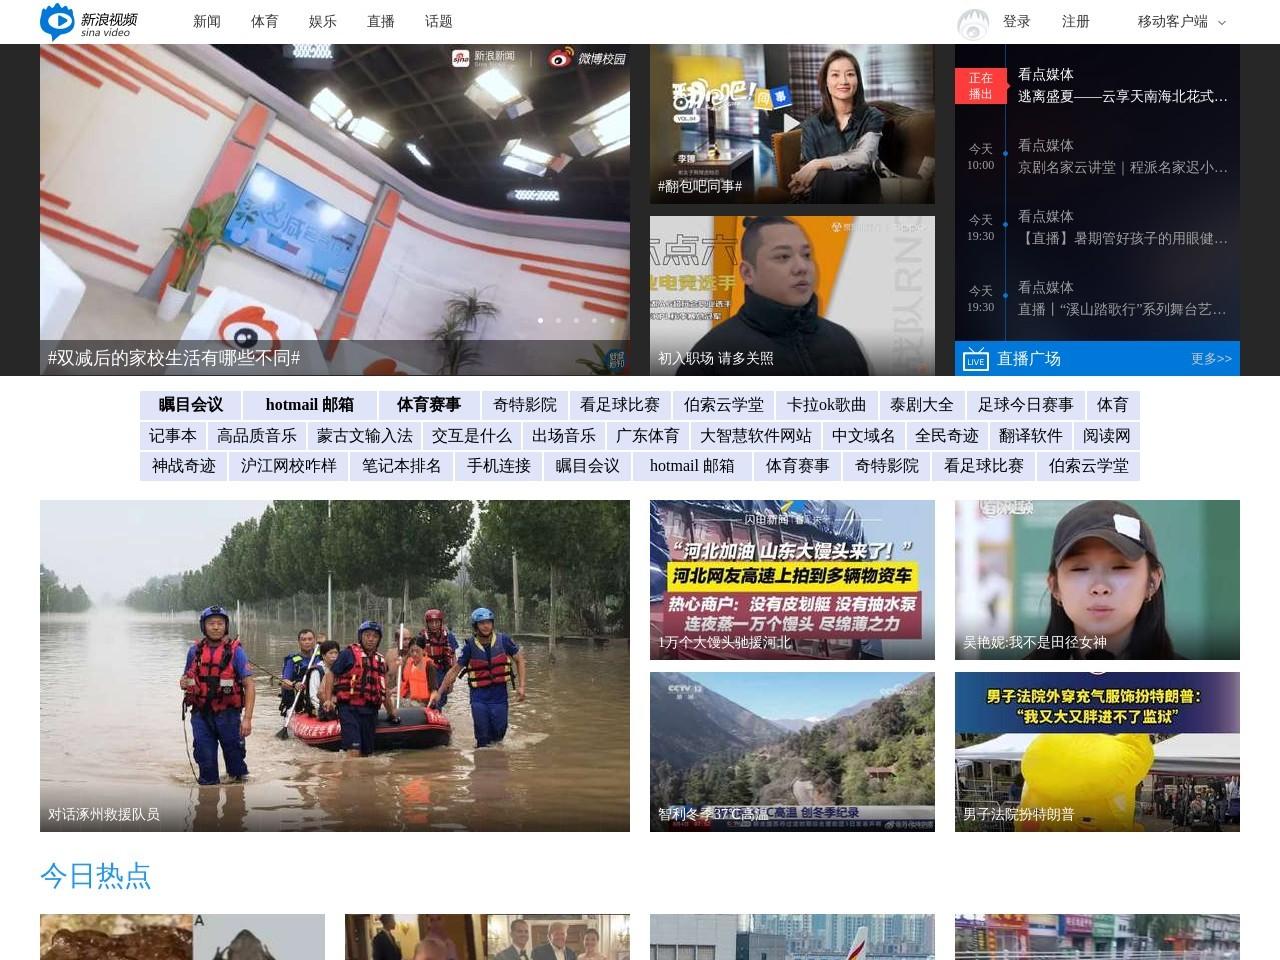 视频:独家对话刘嘉玲:何超莲嫁了中国出名的男演员